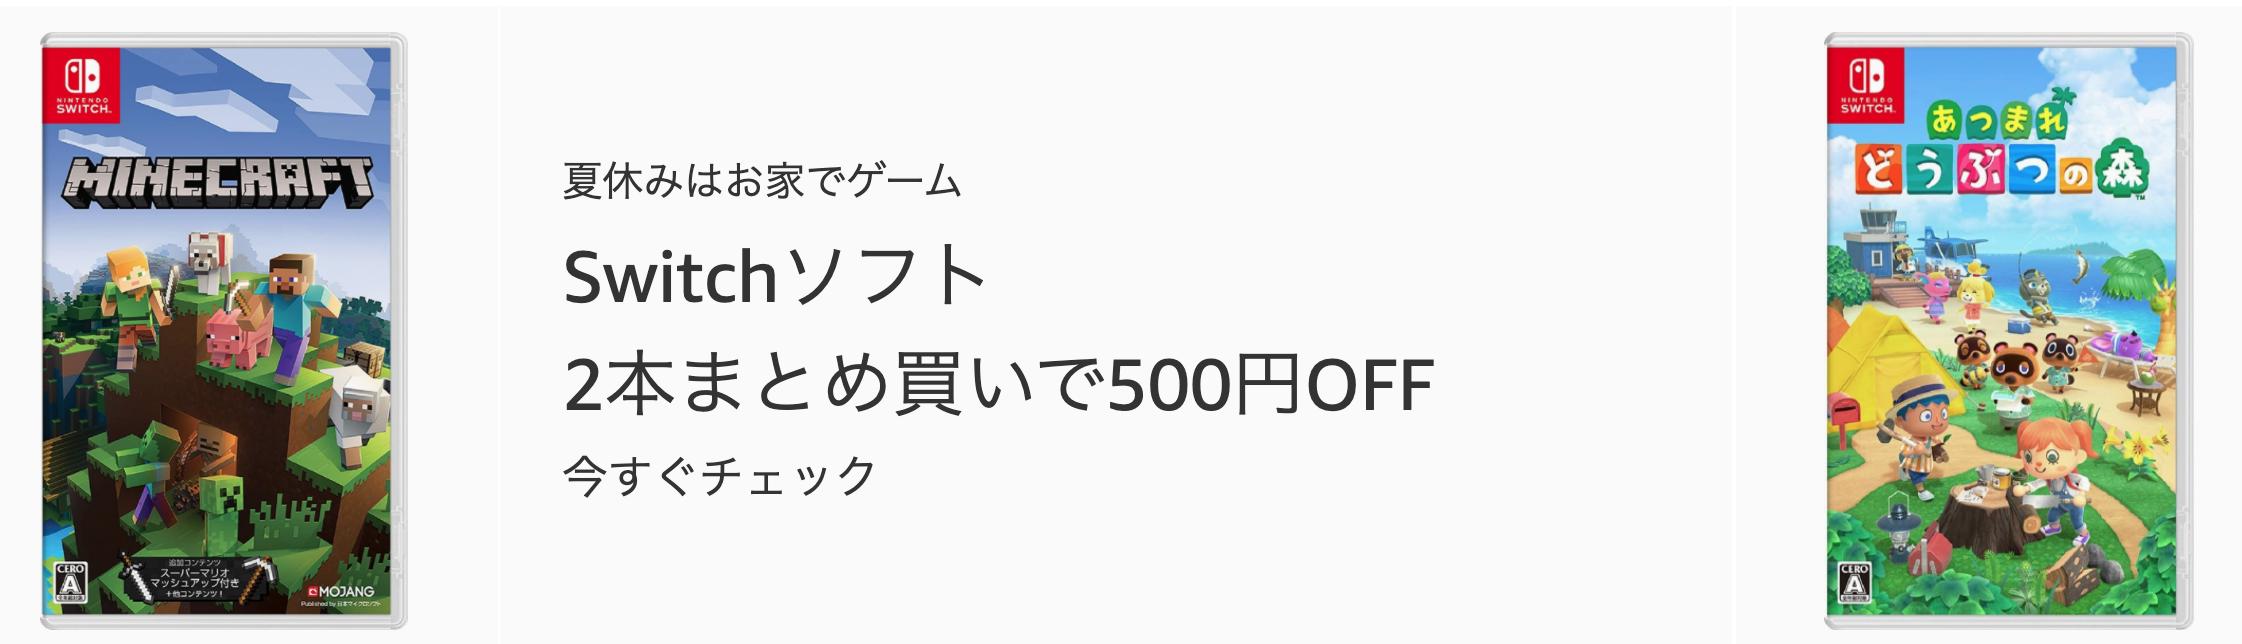 Switch パッケージ版ソフト 2本まとめ買いで500円OFF